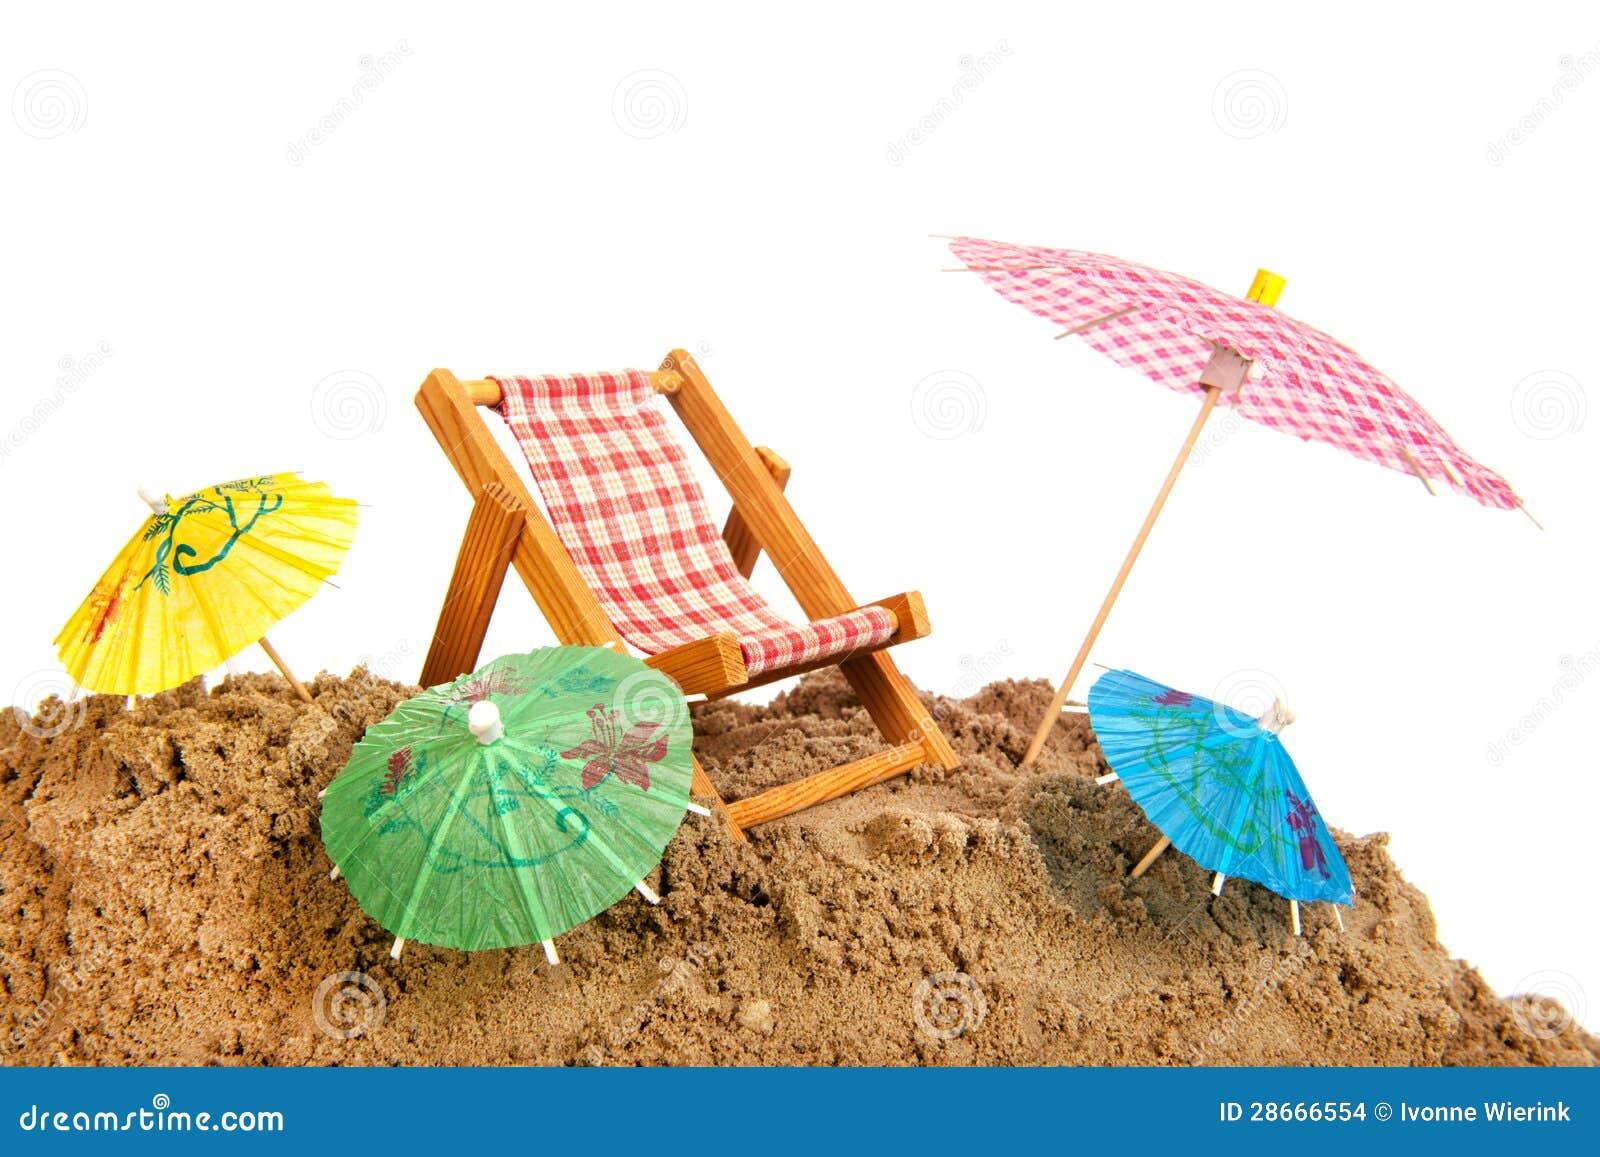 bunte sonnenschirme und stuhl am strand stockfoto bild. Black Bedroom Furniture Sets. Home Design Ideas